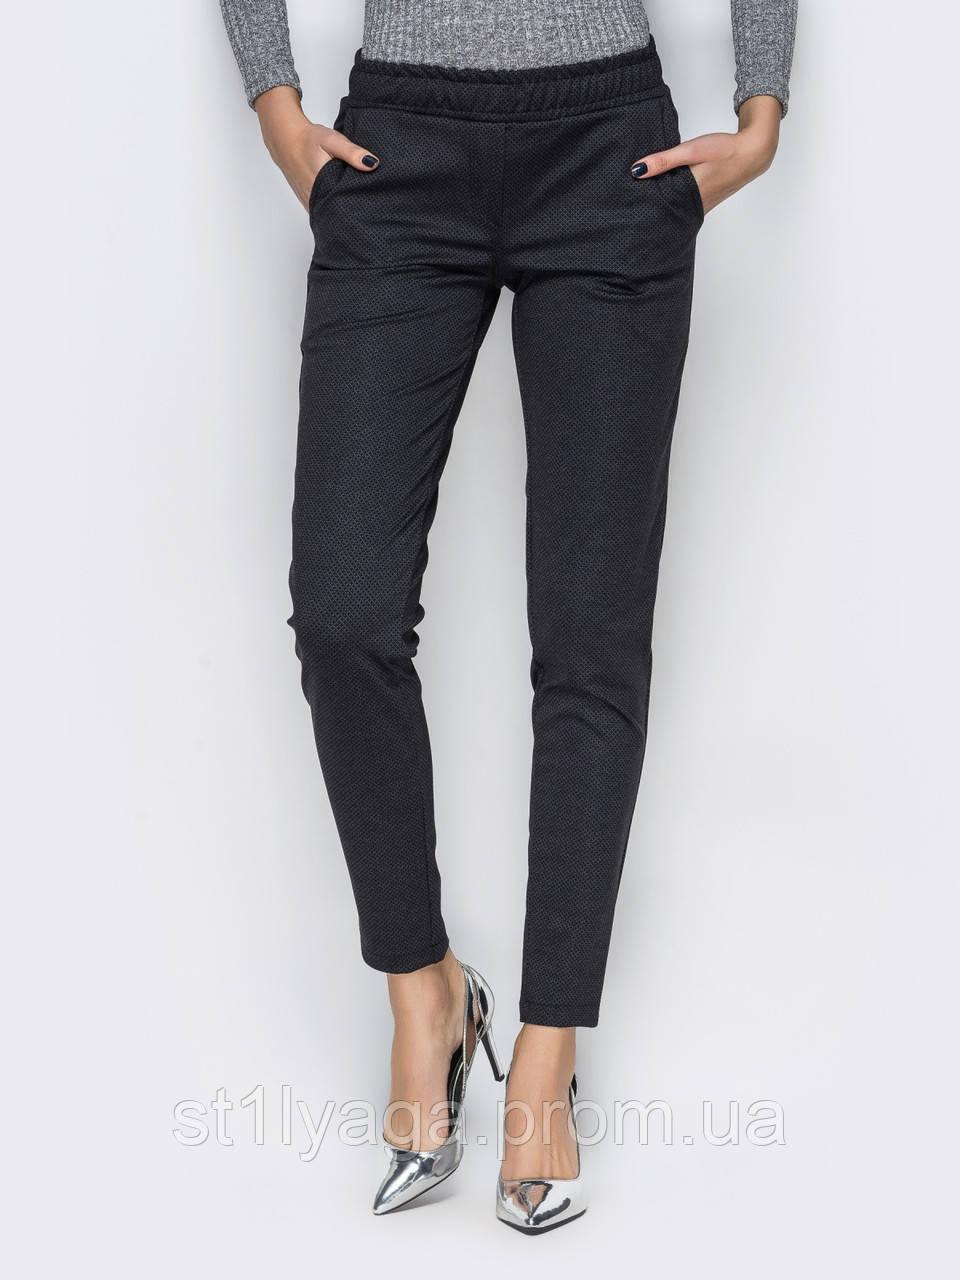 Стильные брюки с поясом на резинке зауженные к низу с косыми карманами